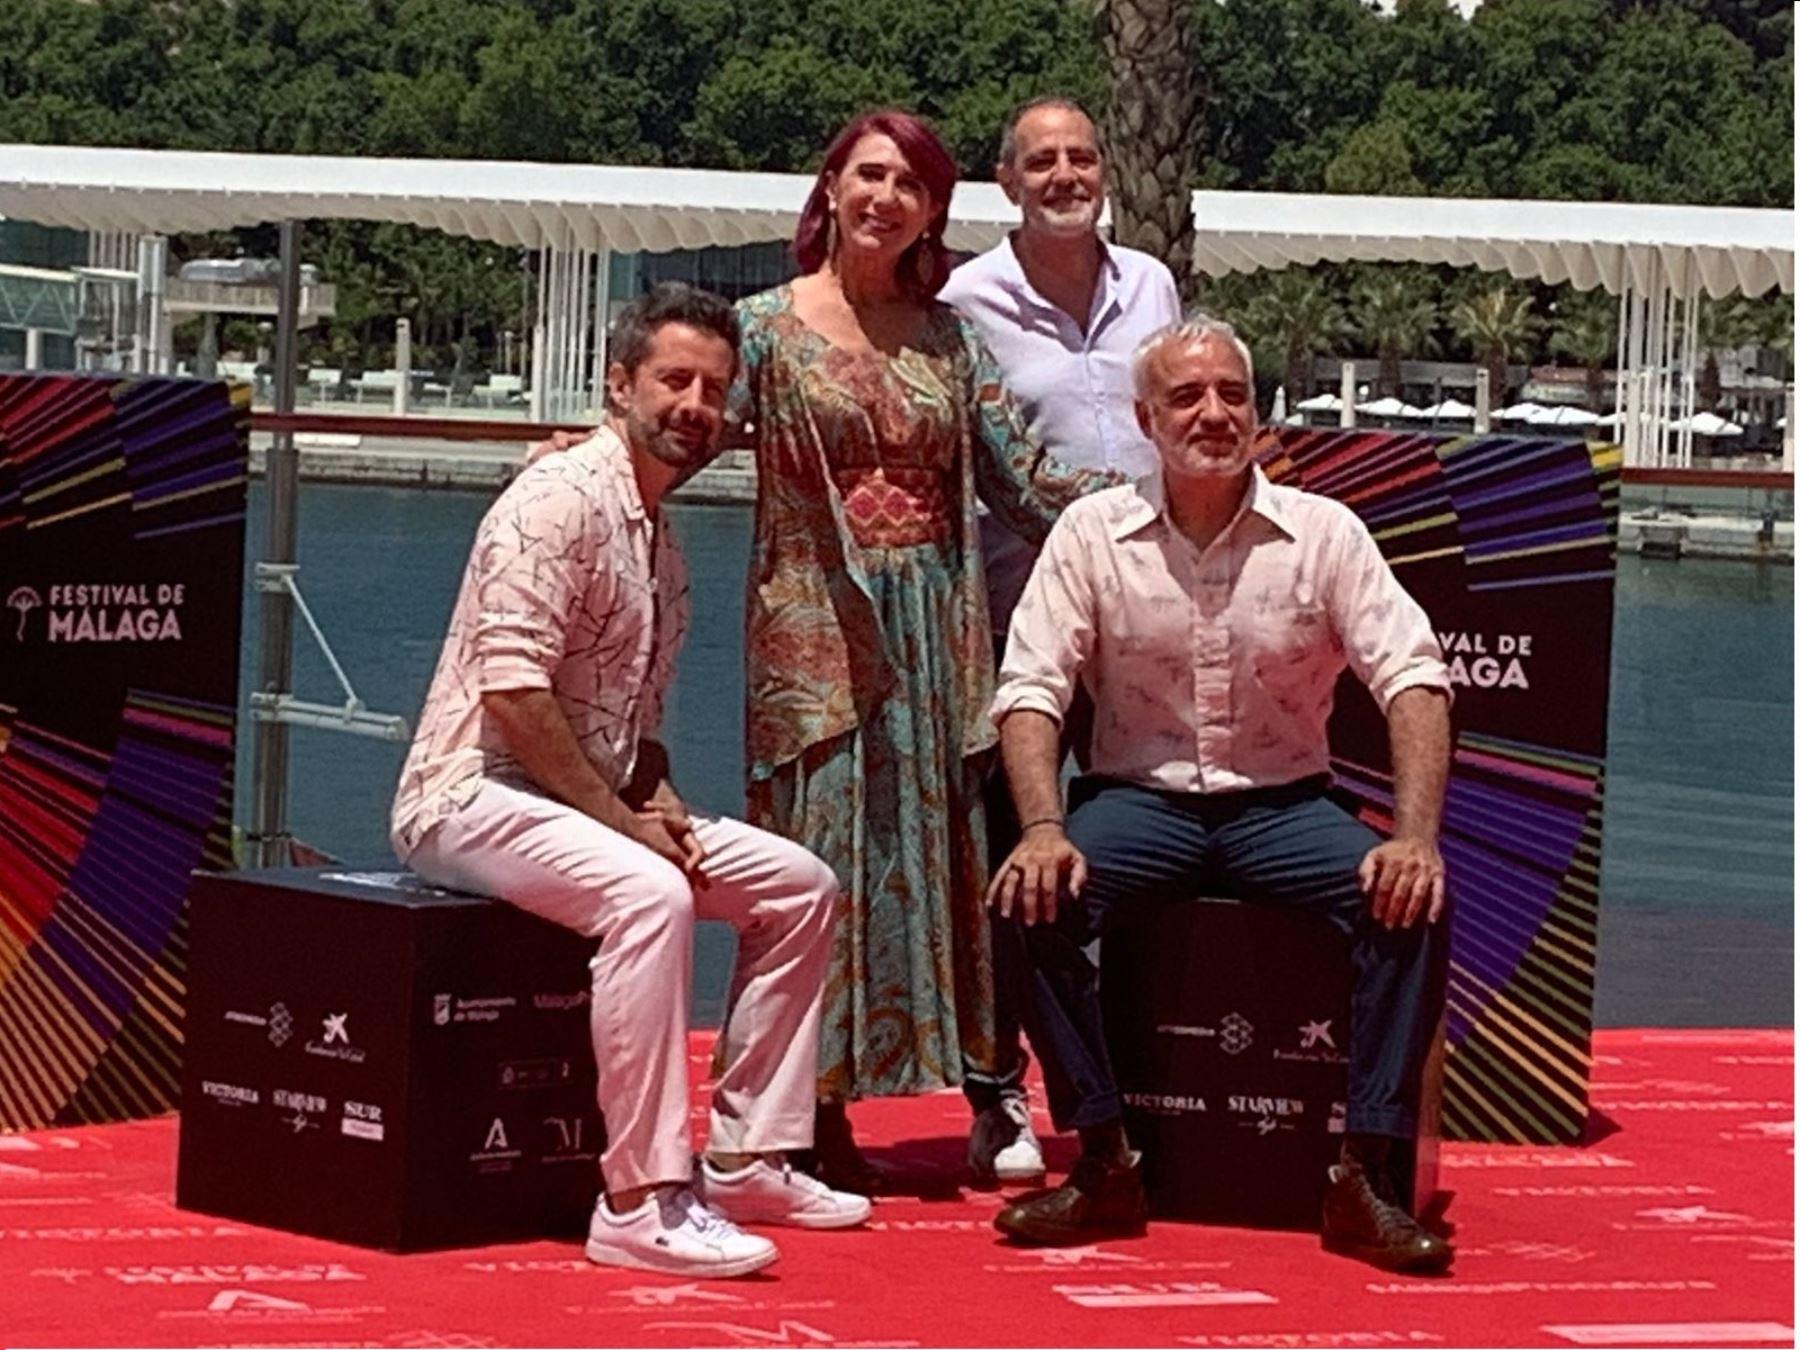 """Cinta """"Las mejores familias"""" se presenta en Festival de Málaga."""